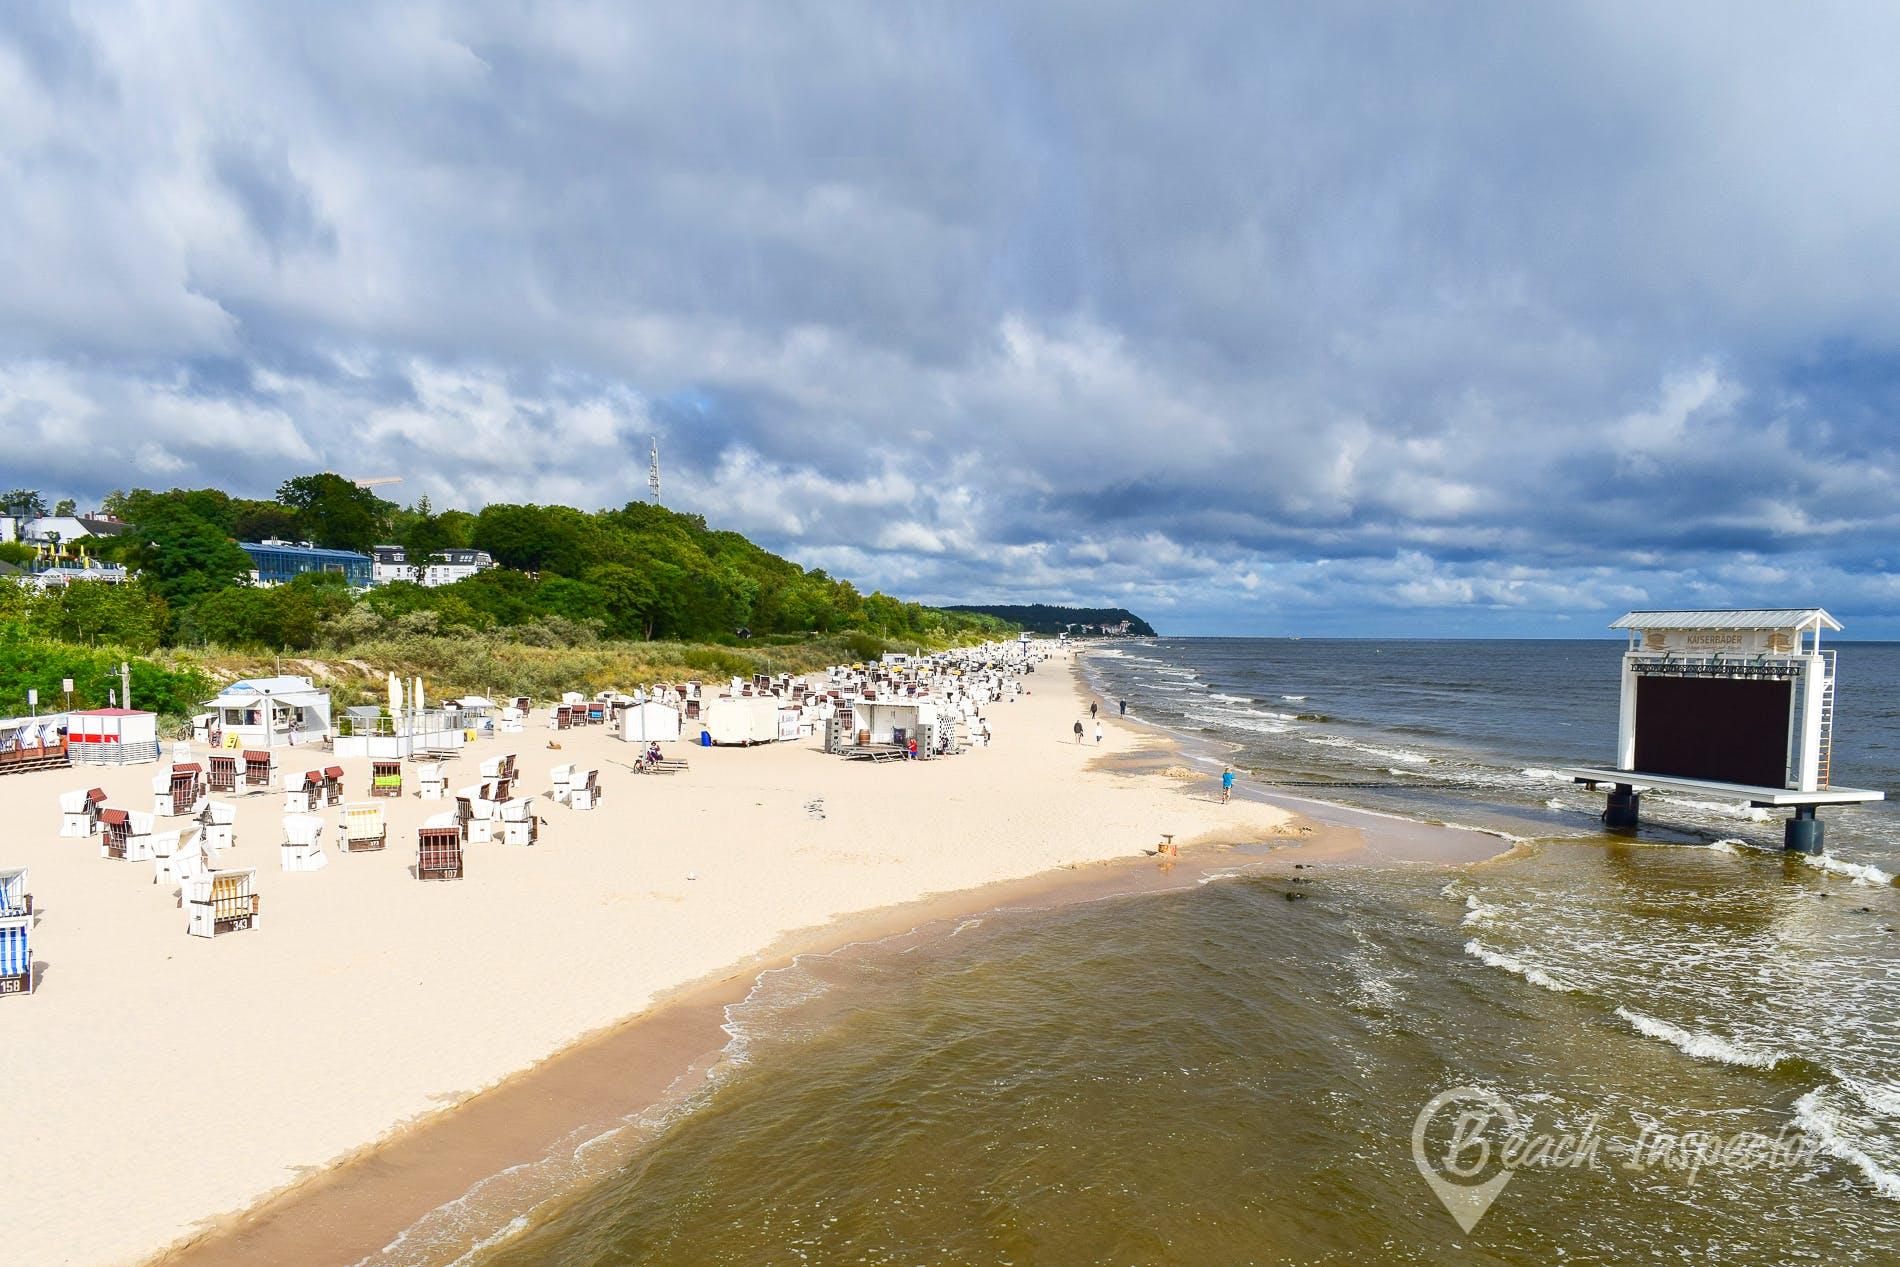 Beach Seebad Heringsdorf, Usedom, Germany